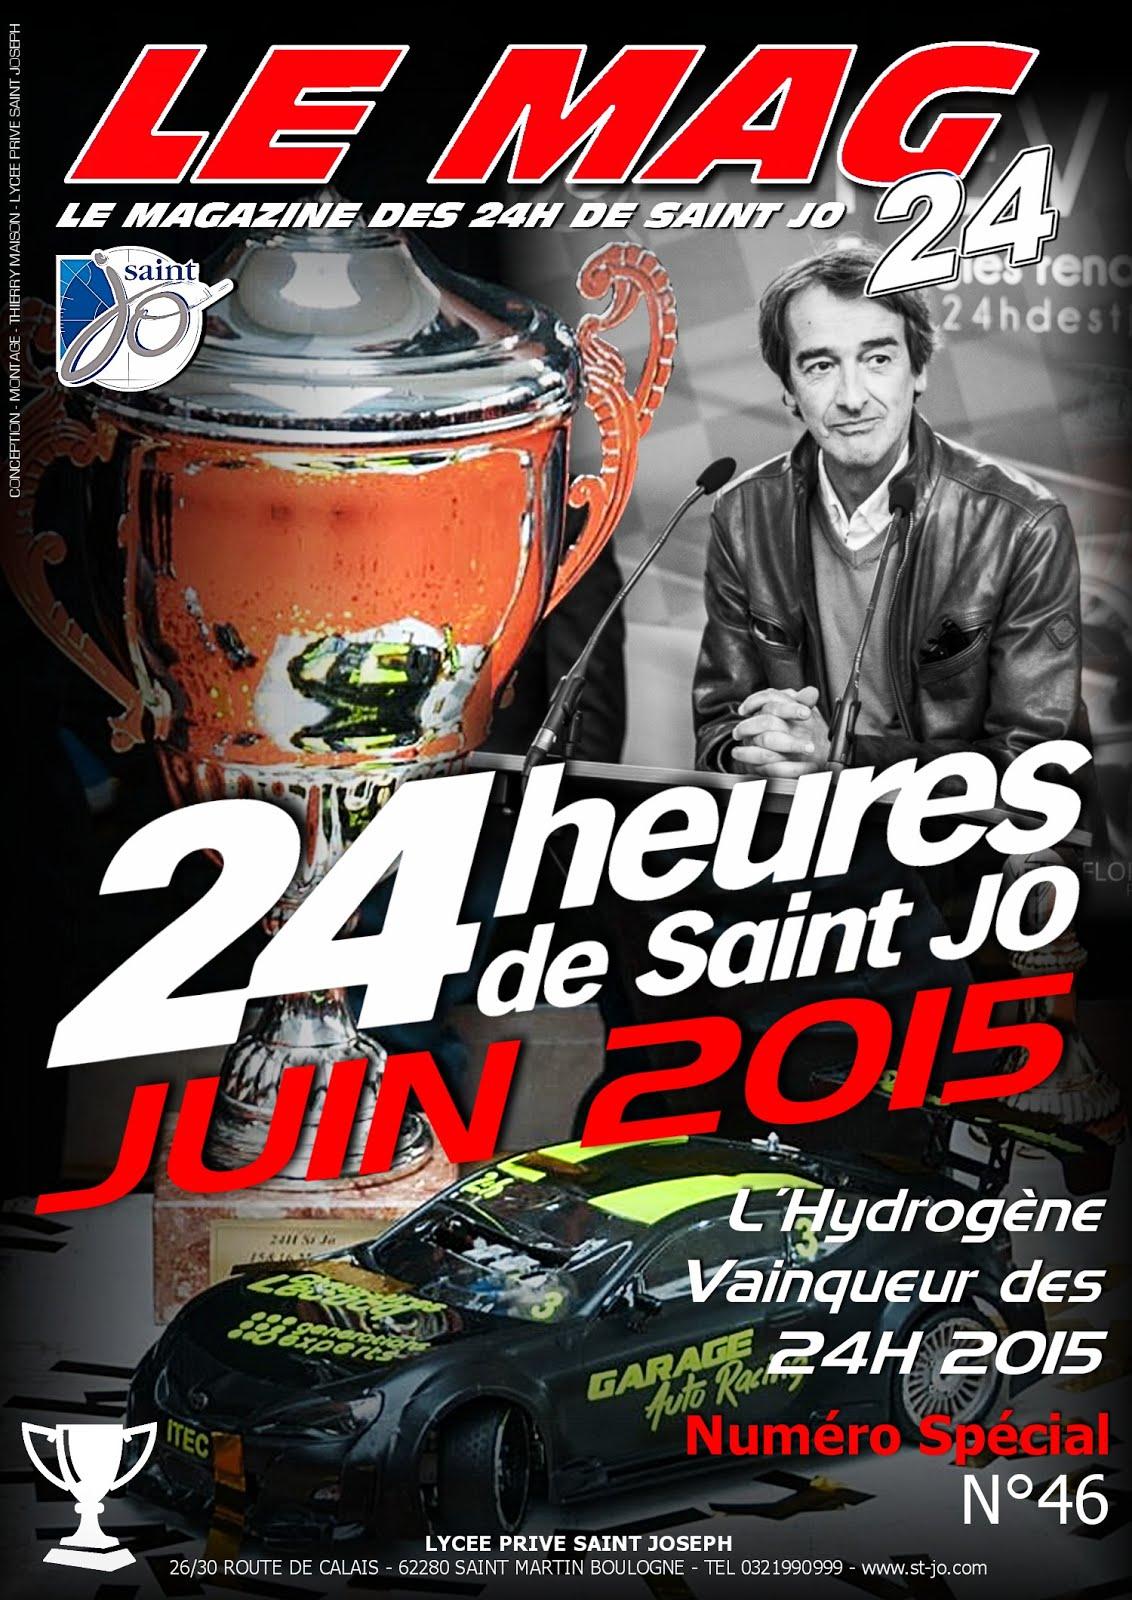 MAG24 - JUIN 2015